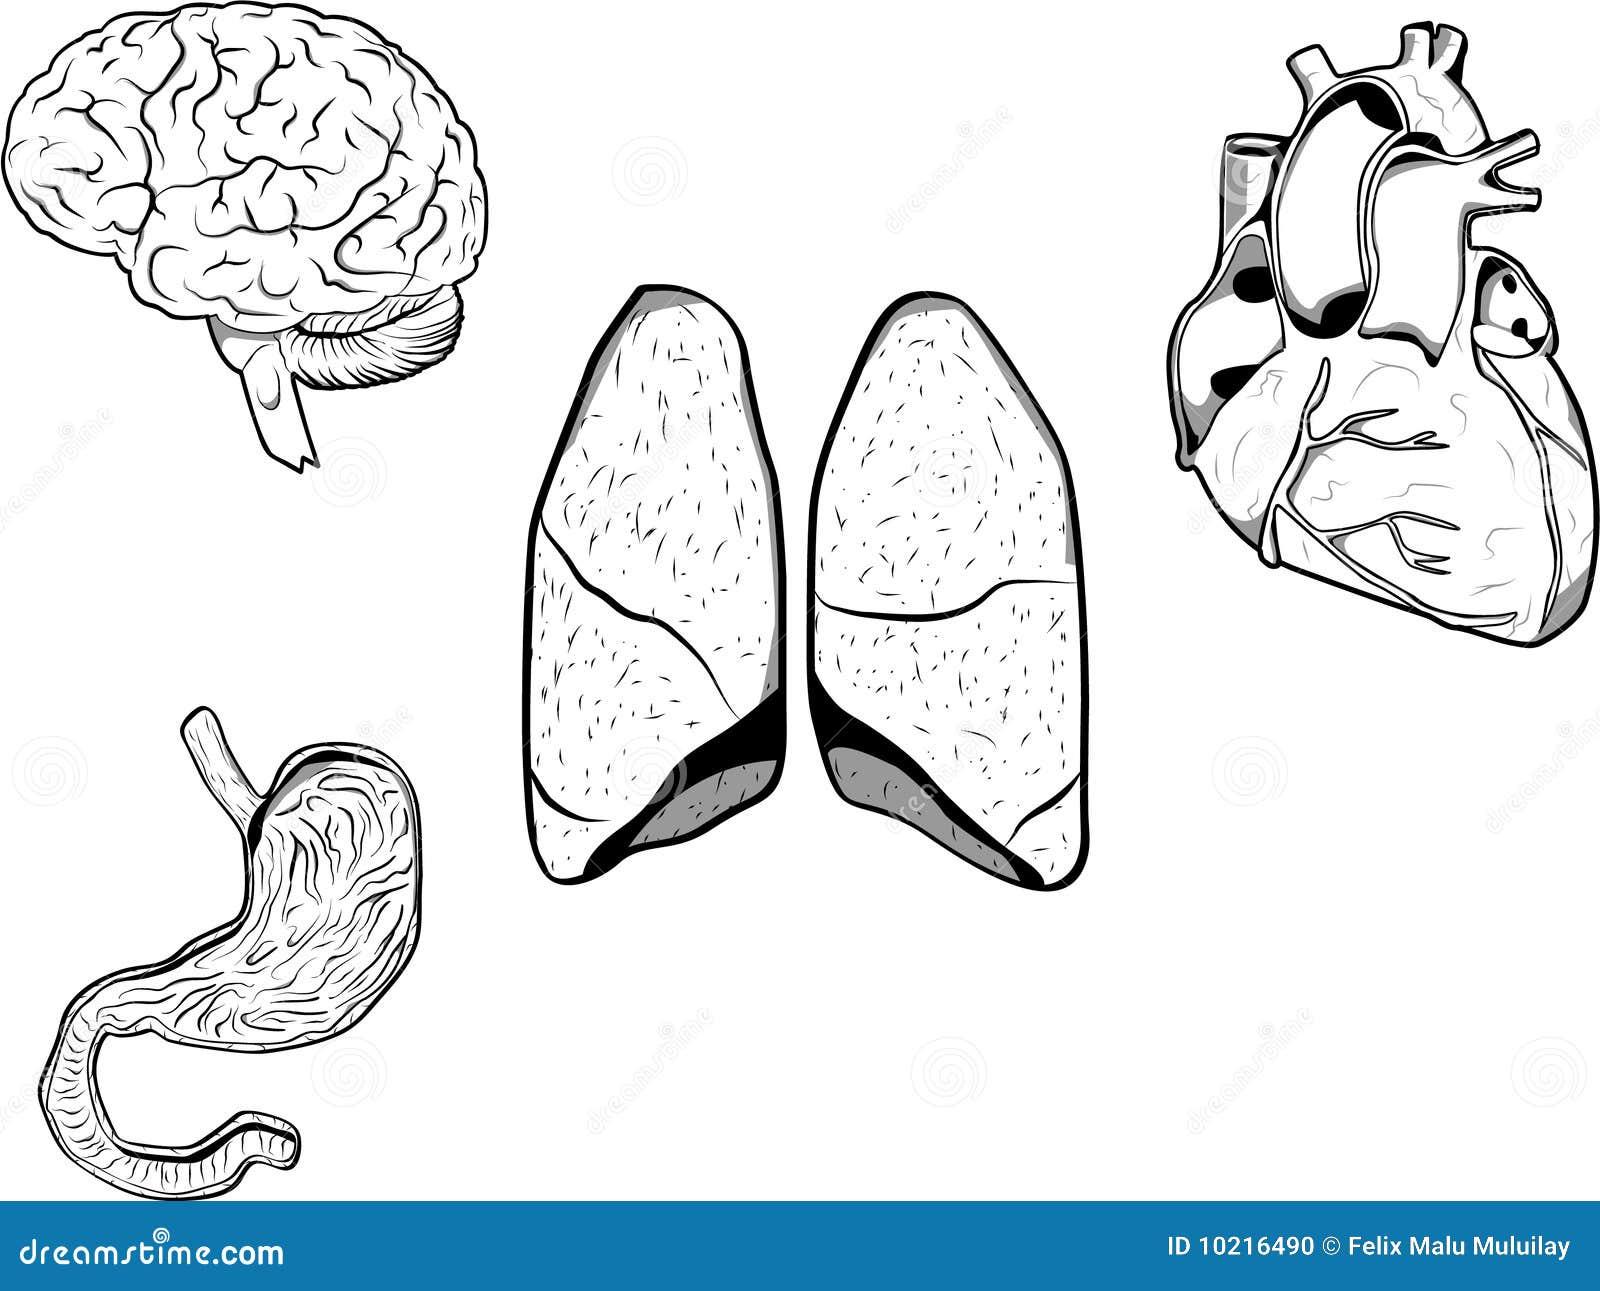 human organs stock photo image 10216490 horseshoe magnet clipart black and white Horseshoe with Eyes Magnet